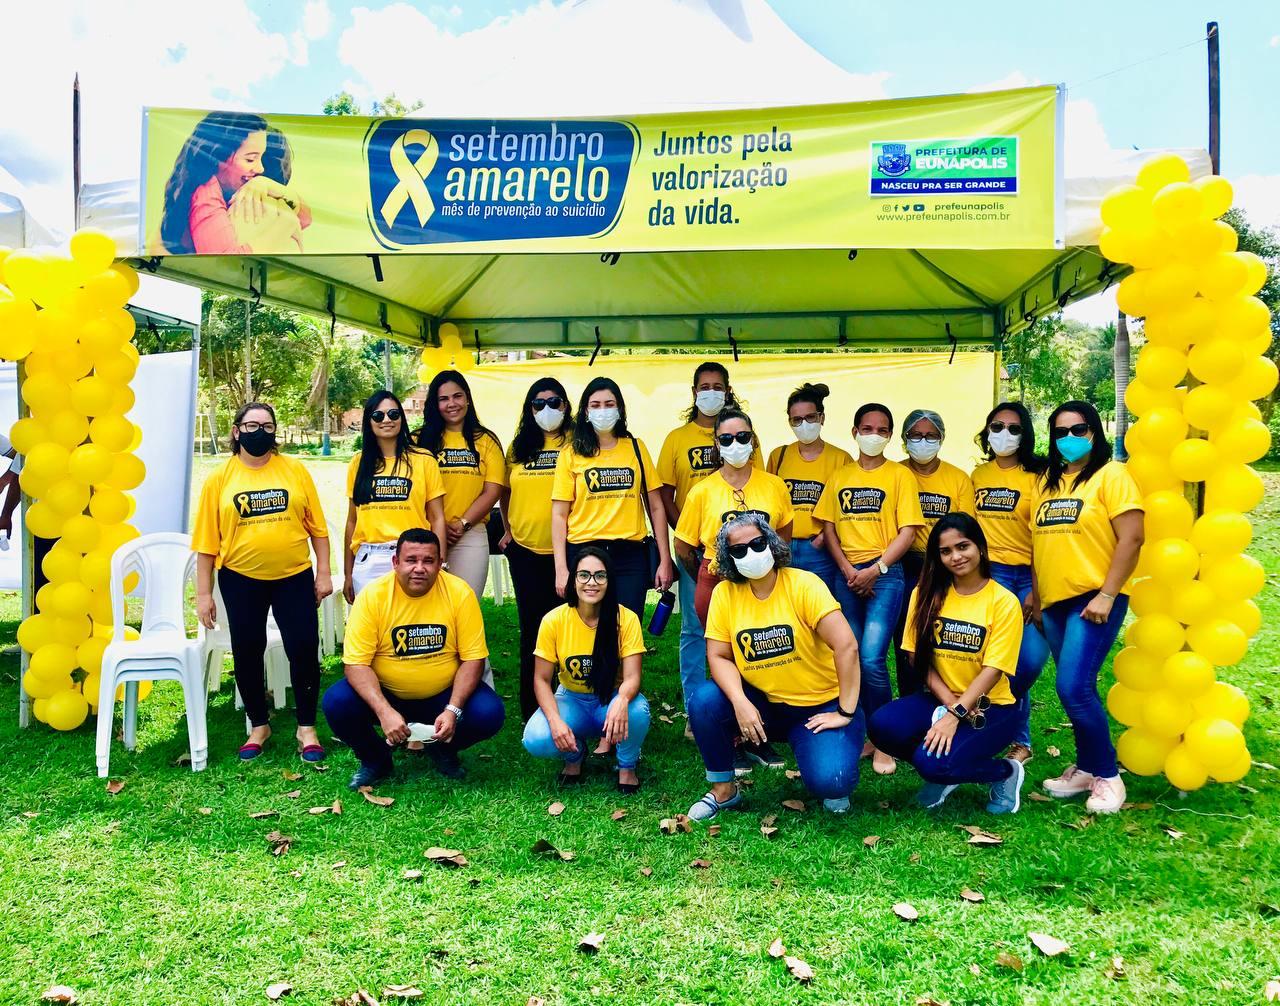 Ação da Secretaria de Saúde de Eunápolis promove SETEMBRO AMARELO em mais um distrito 31